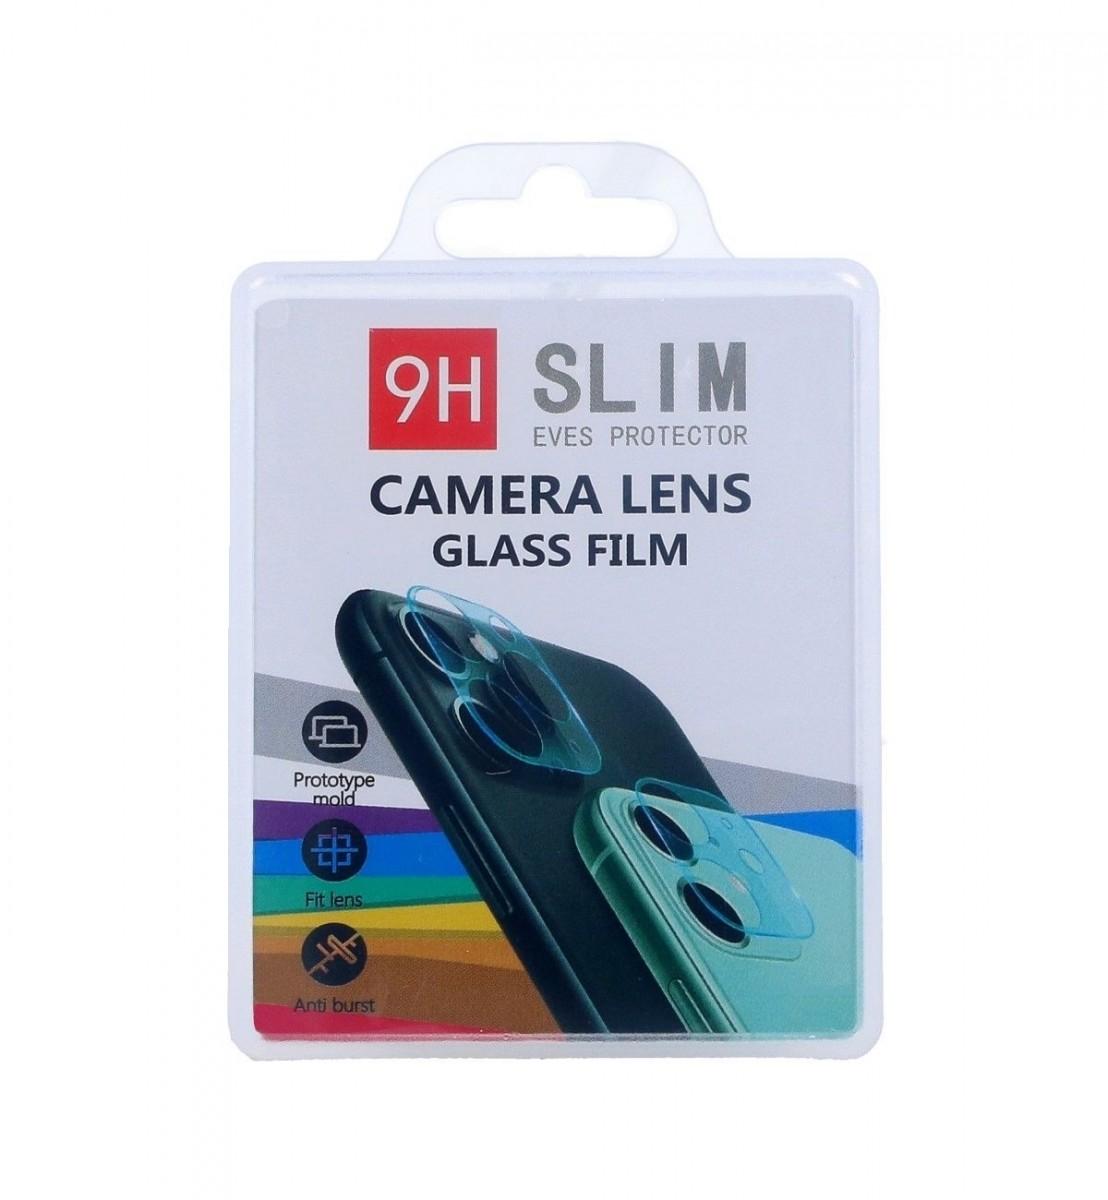 Tvrzené sklo TopQ na zadní fotoaparát Realme 8 61004 (ochranné sklo na zadní čočku fotoaparátu Realme 8)